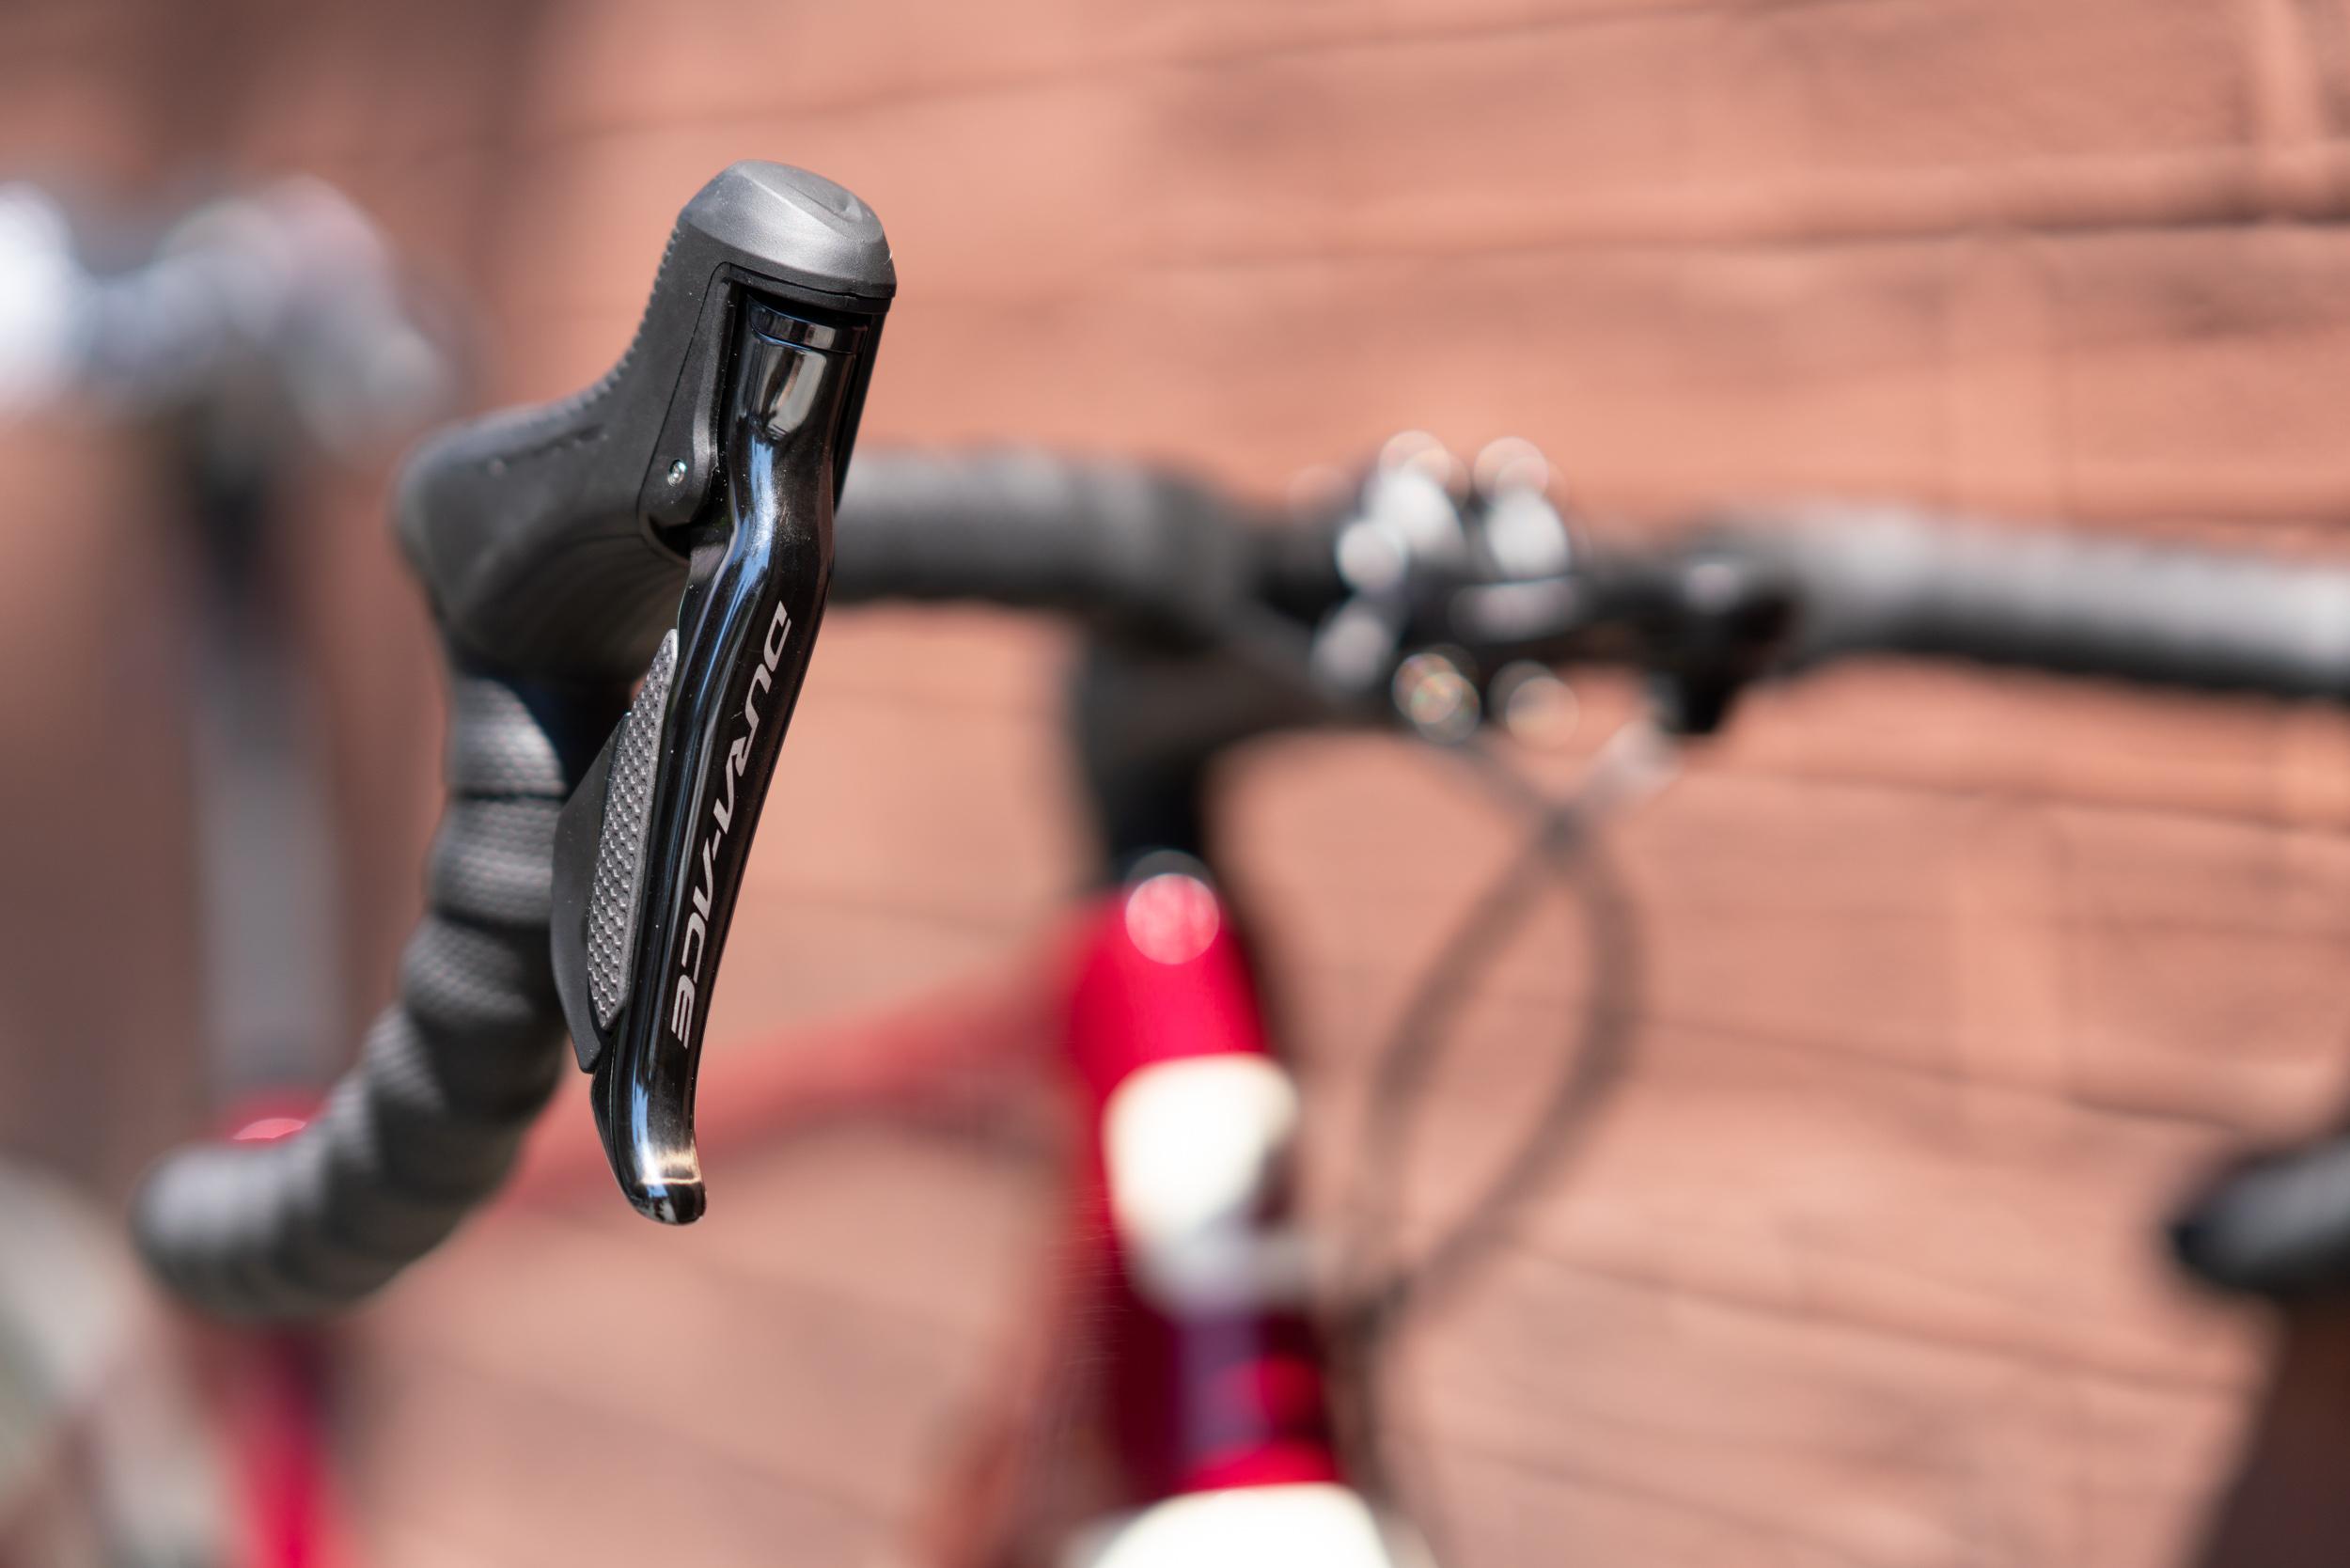 photo-rhetoric-to-be-determined-garneau-d1-blood-bike-1013.jpg